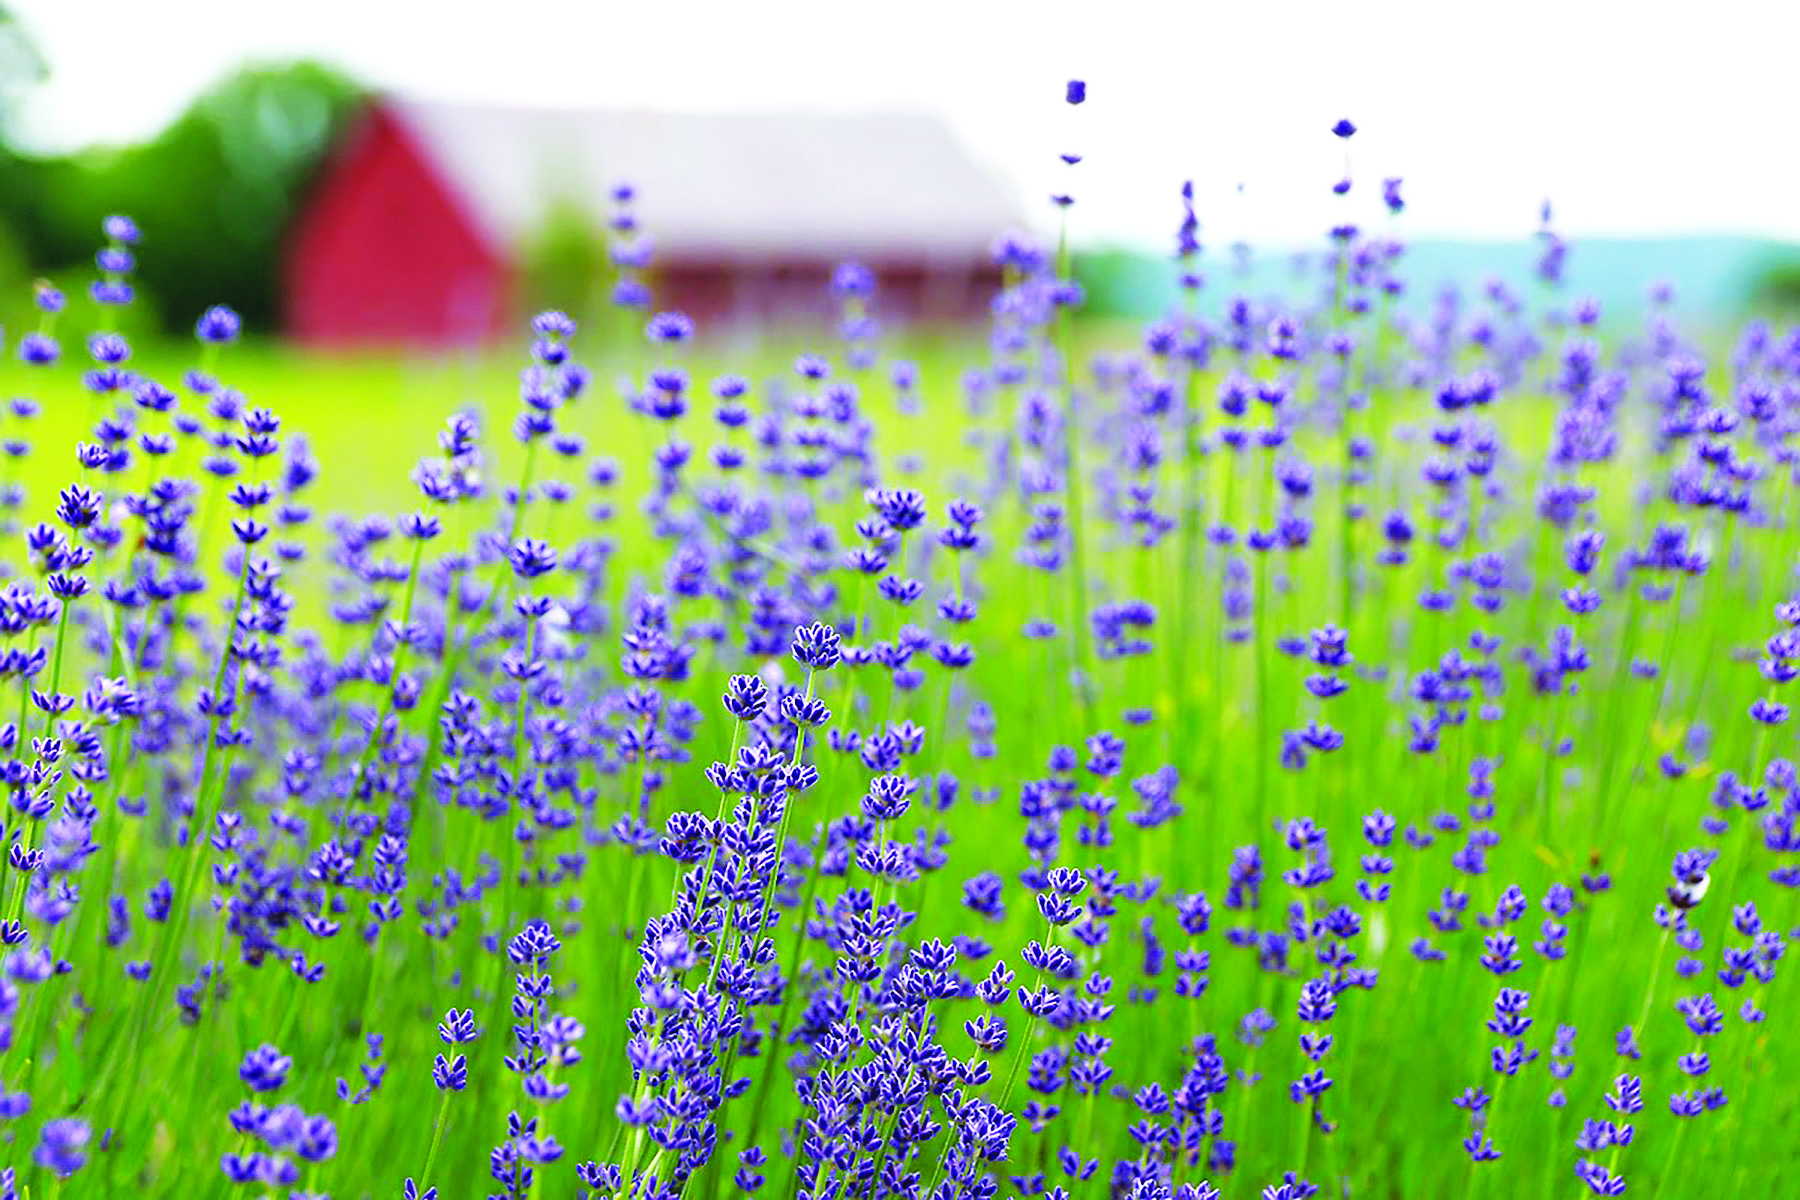 Lavender farm opens in June